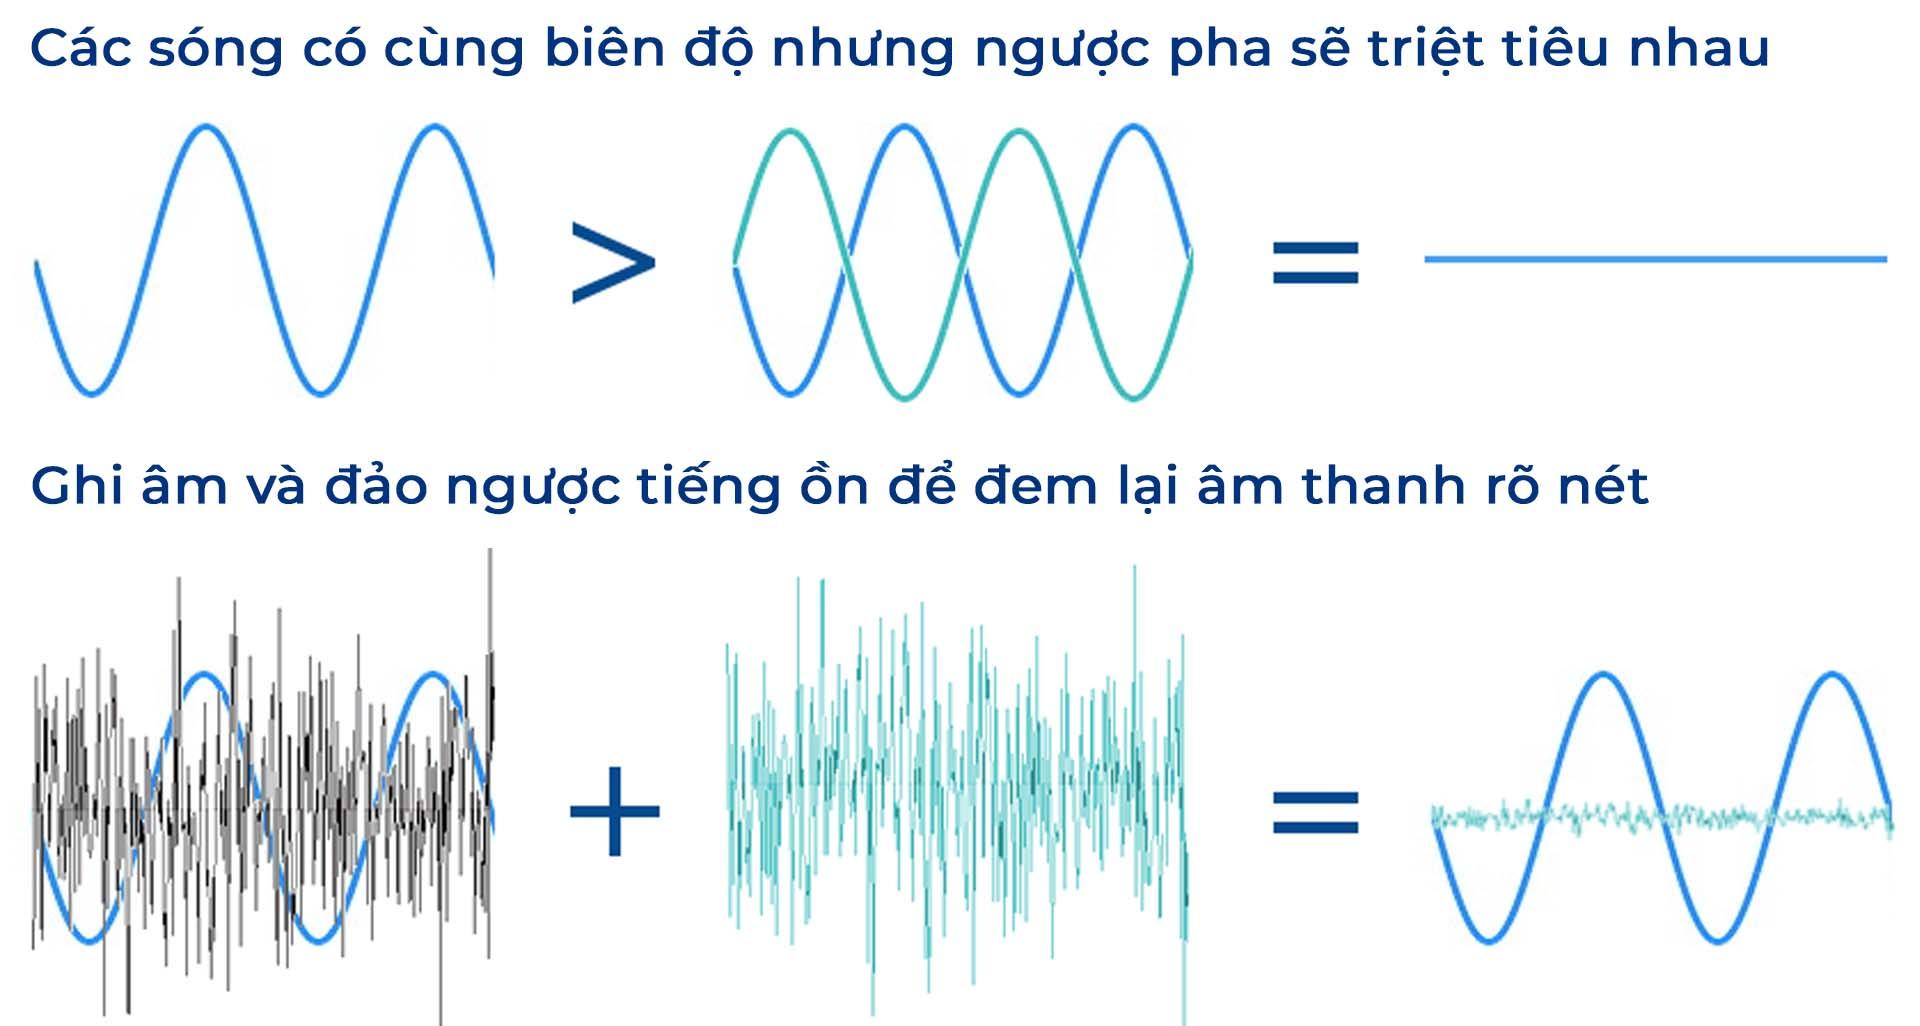 cơ chế của công nghệ chống ồn chủ động